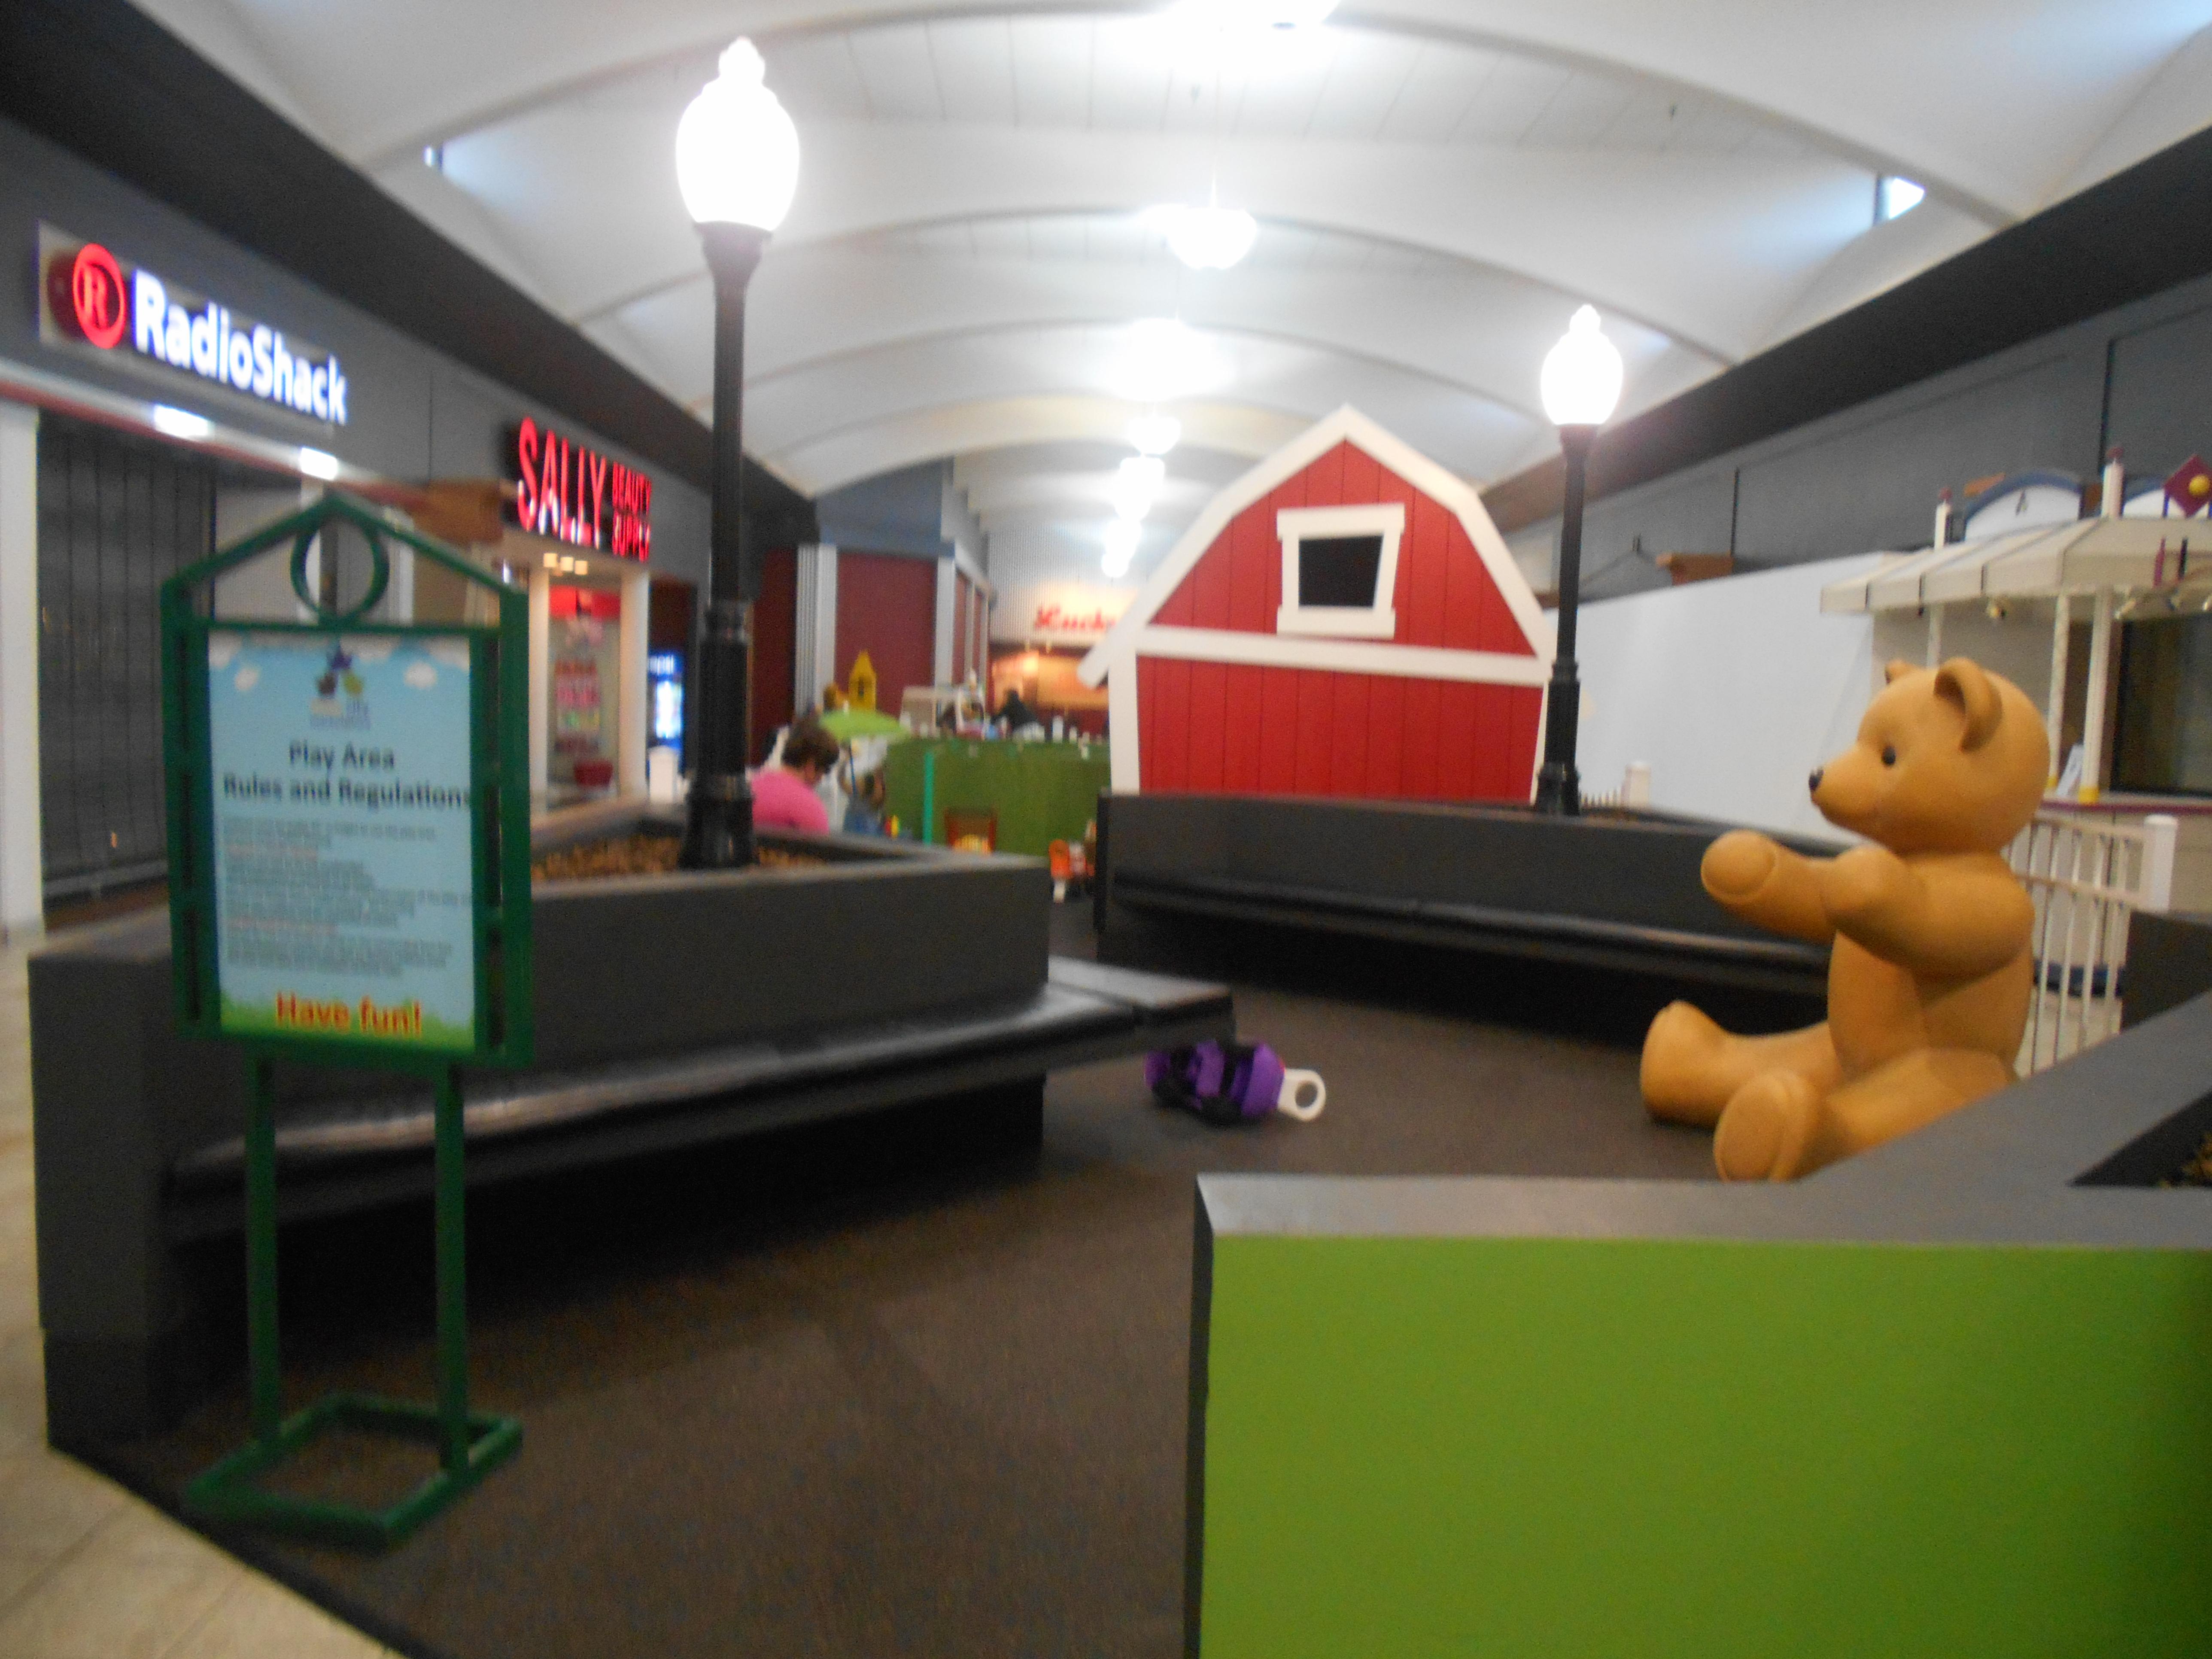 First Stop Indoor Childrens Farm Tripppinwitheleanor - Children's indoor play area flooring